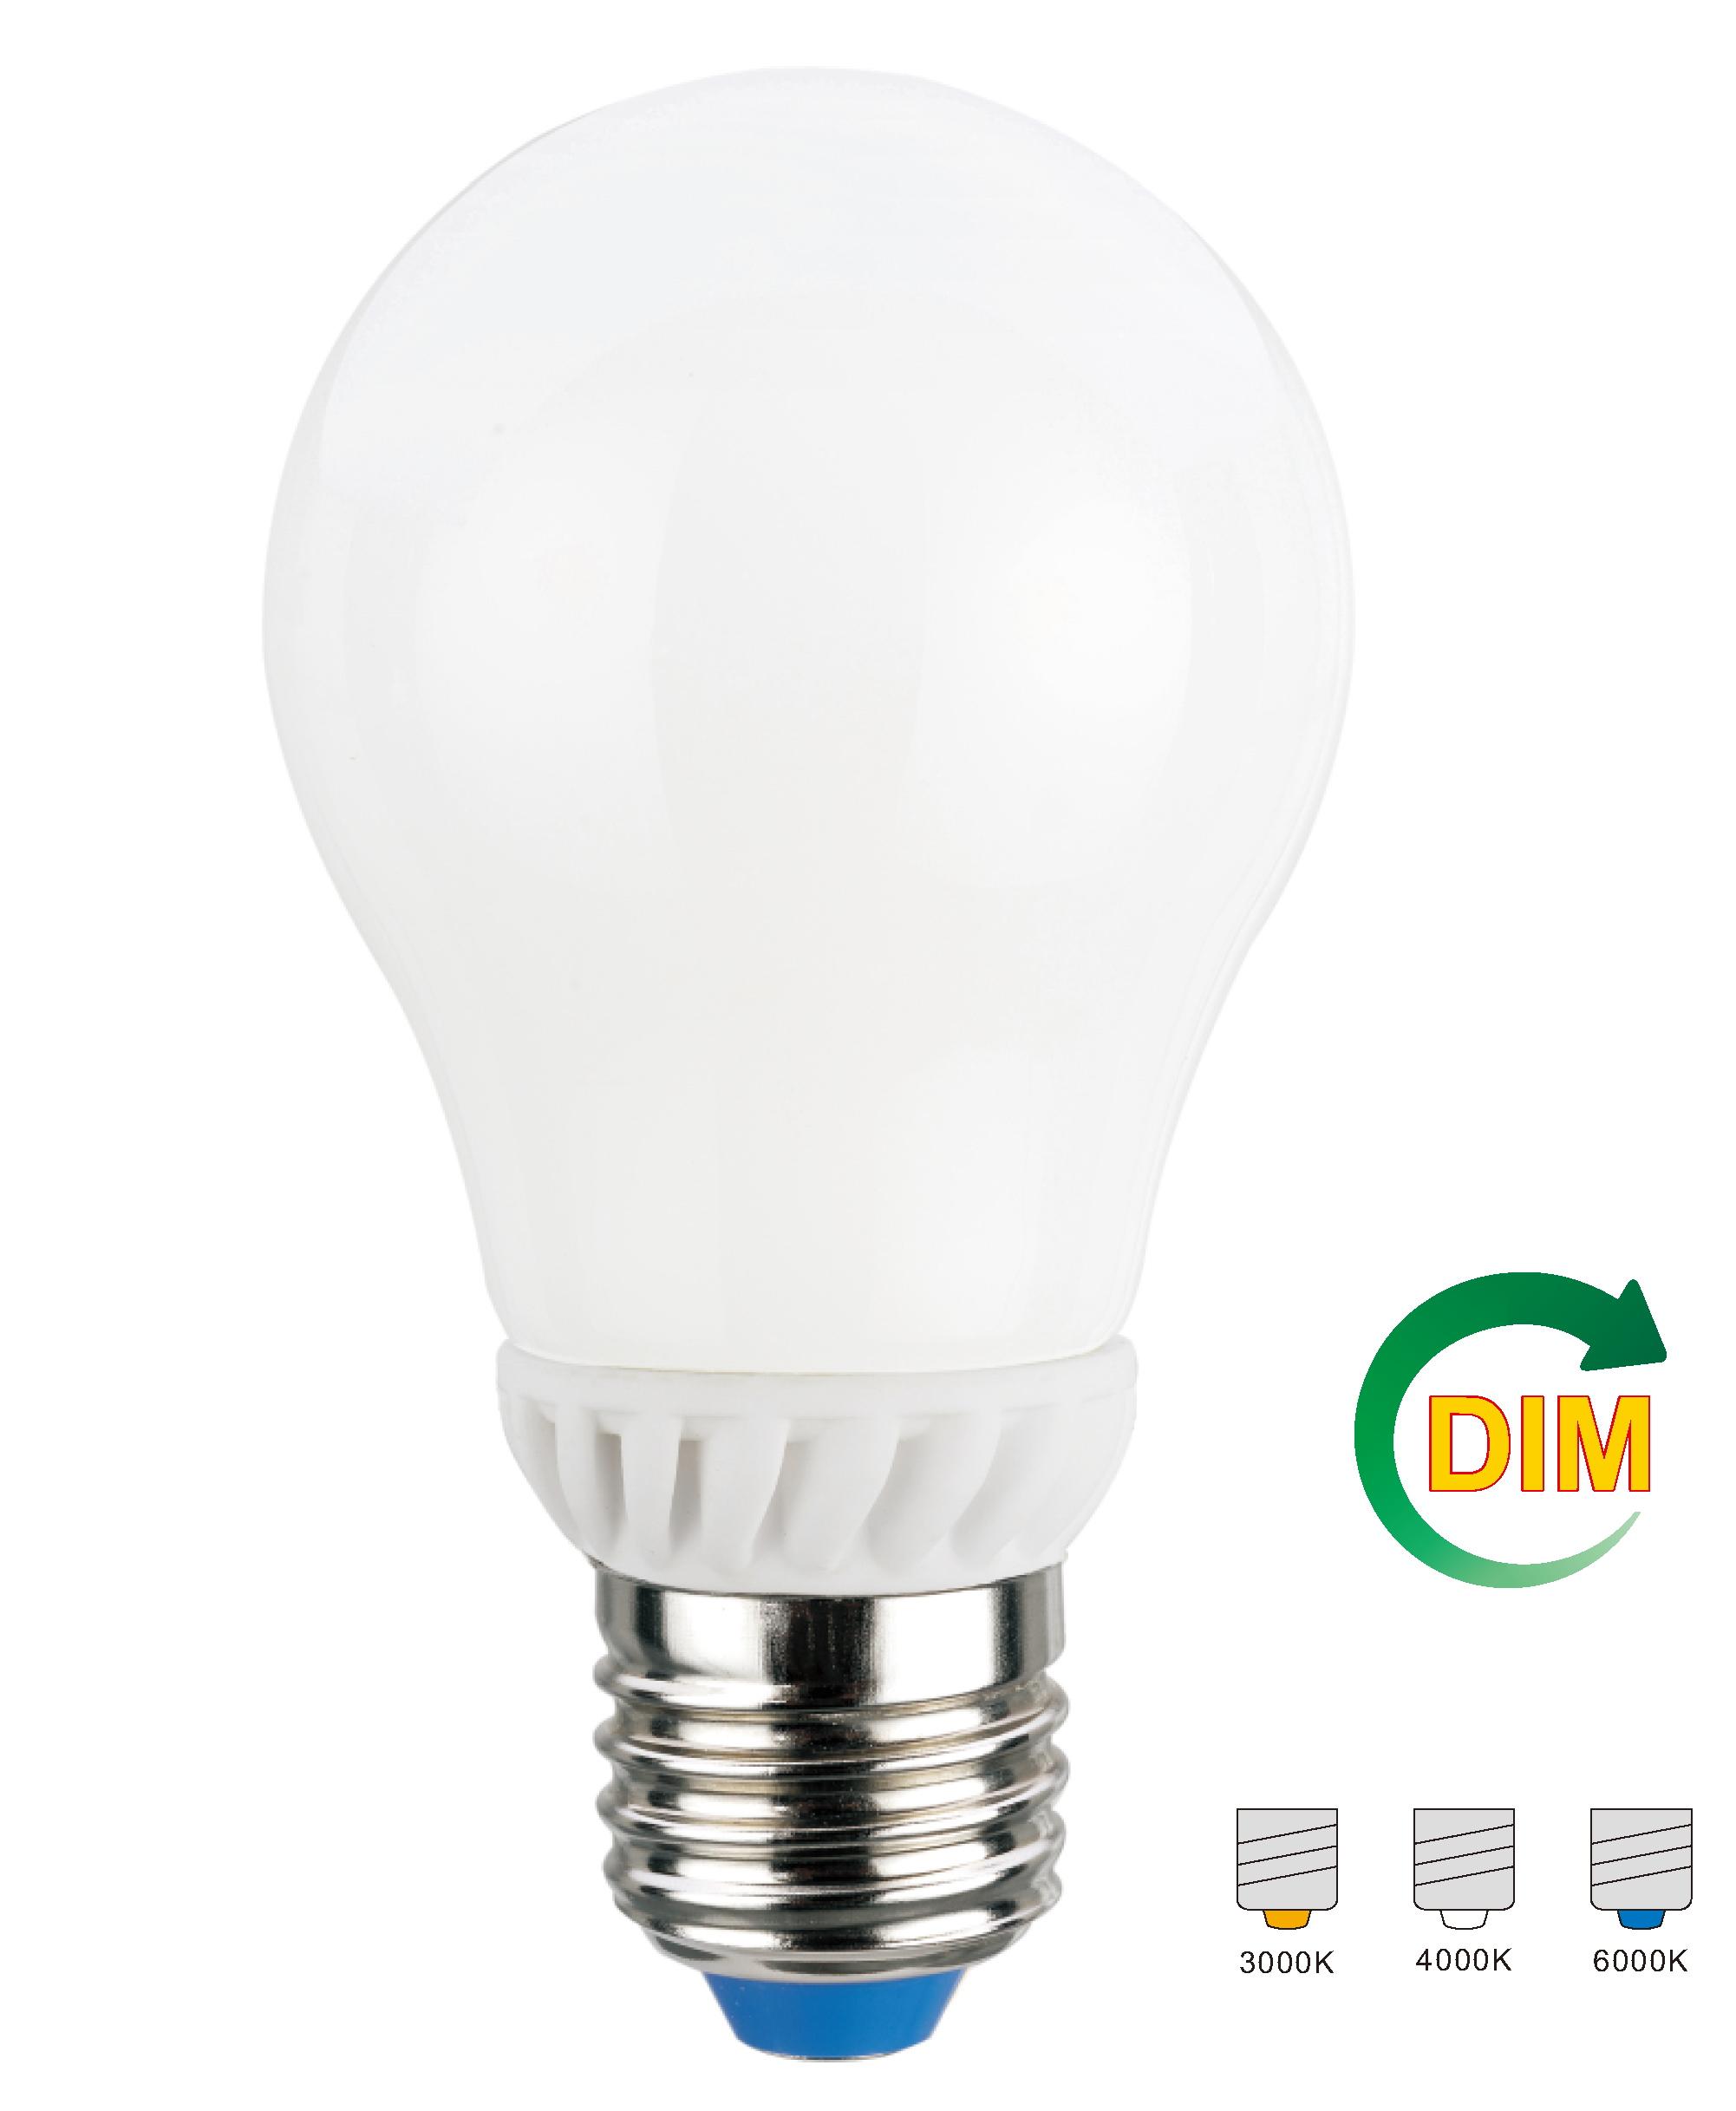 термобелье лампы светодиодные с углом рассеивания 360 градусов термобелье, допустим